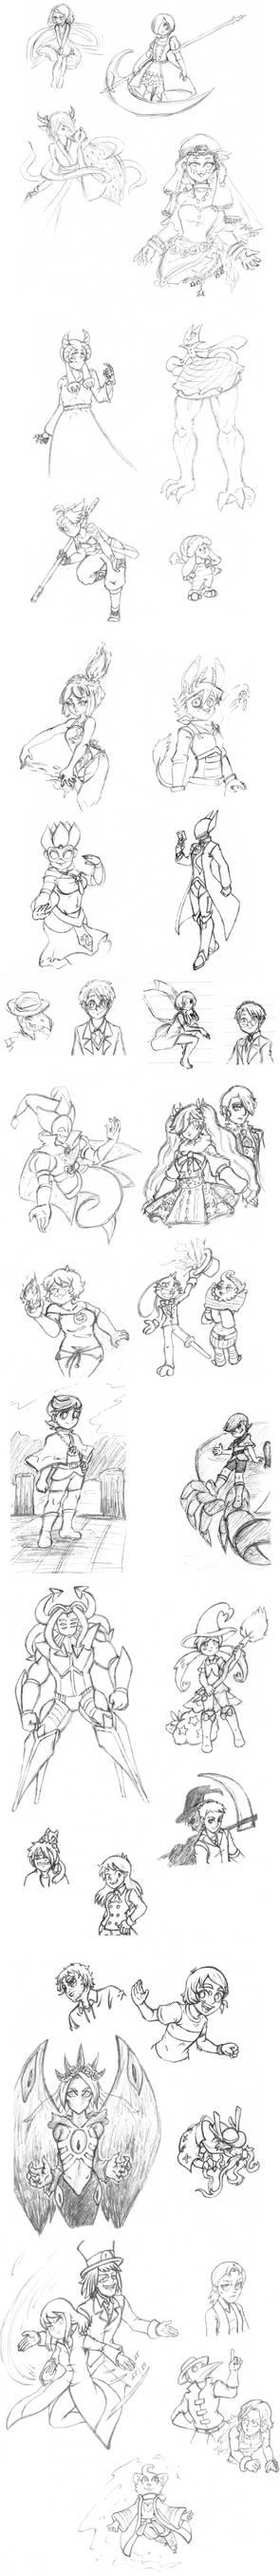 DreamCatcher Sketch Batches